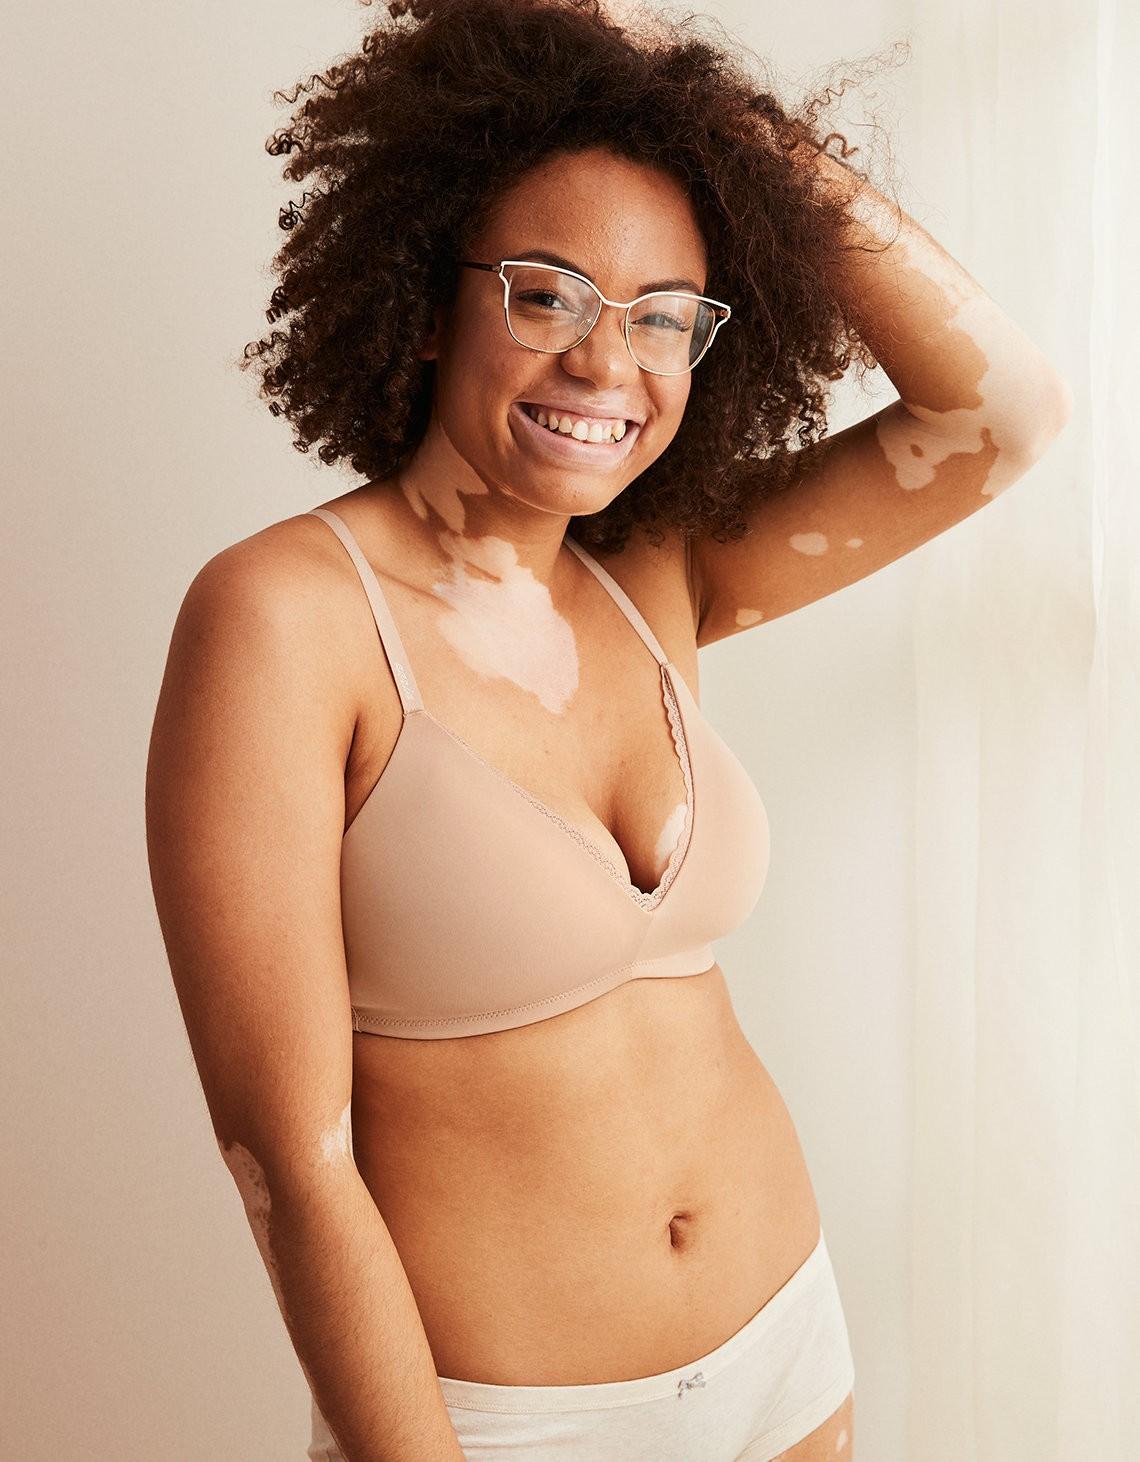 Marca de lingerie passa a usar modelo com condições e deficiências (Foto: Divulgação)